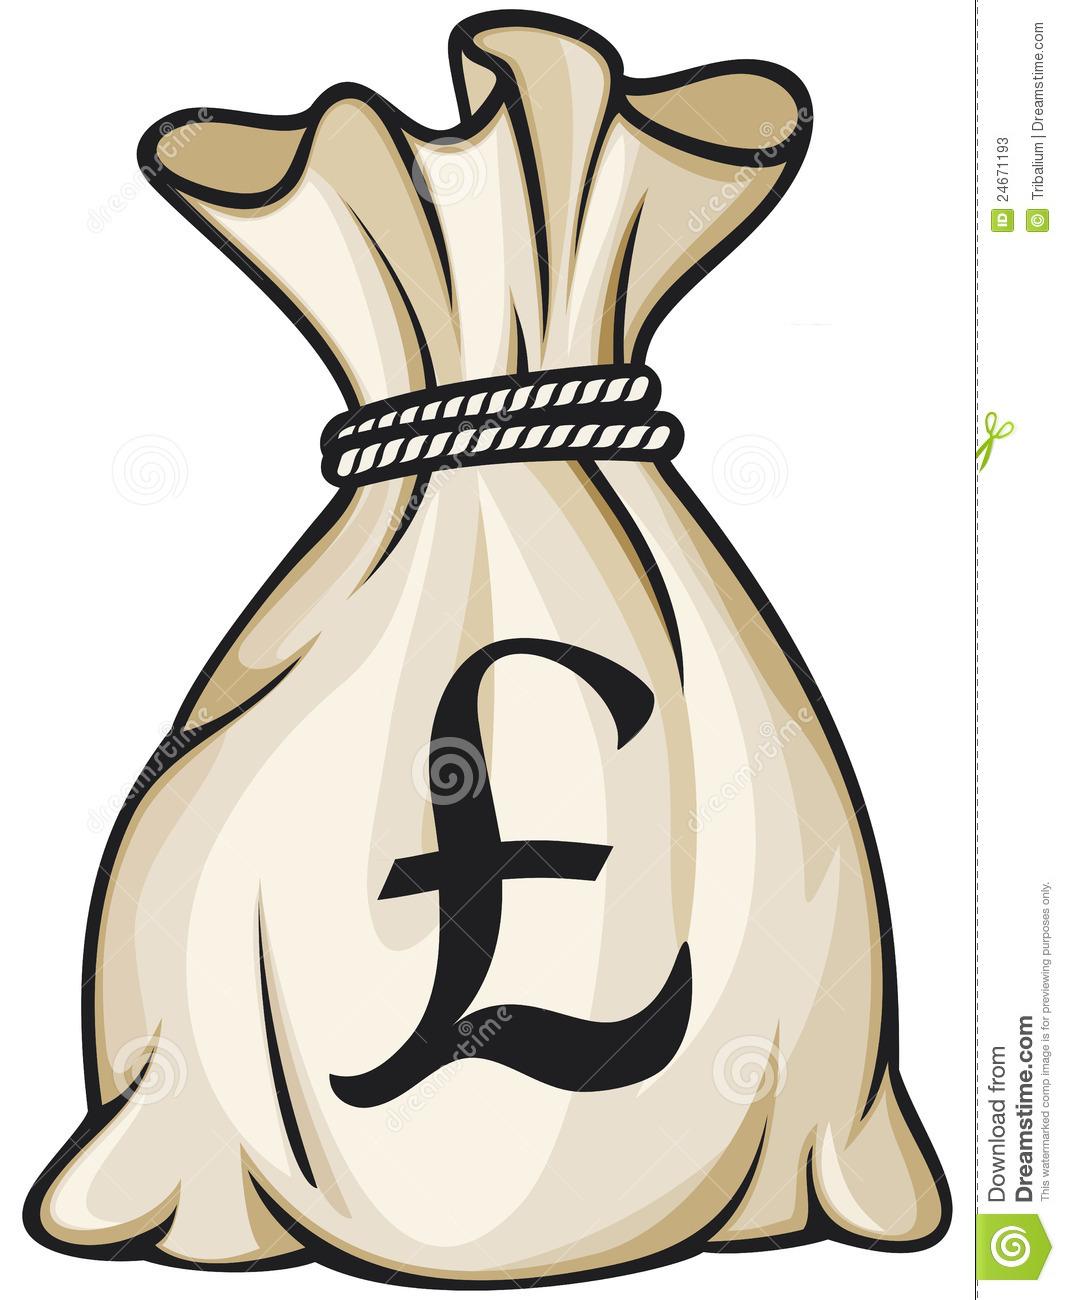 1065x1300 Money Clipart Money Pound